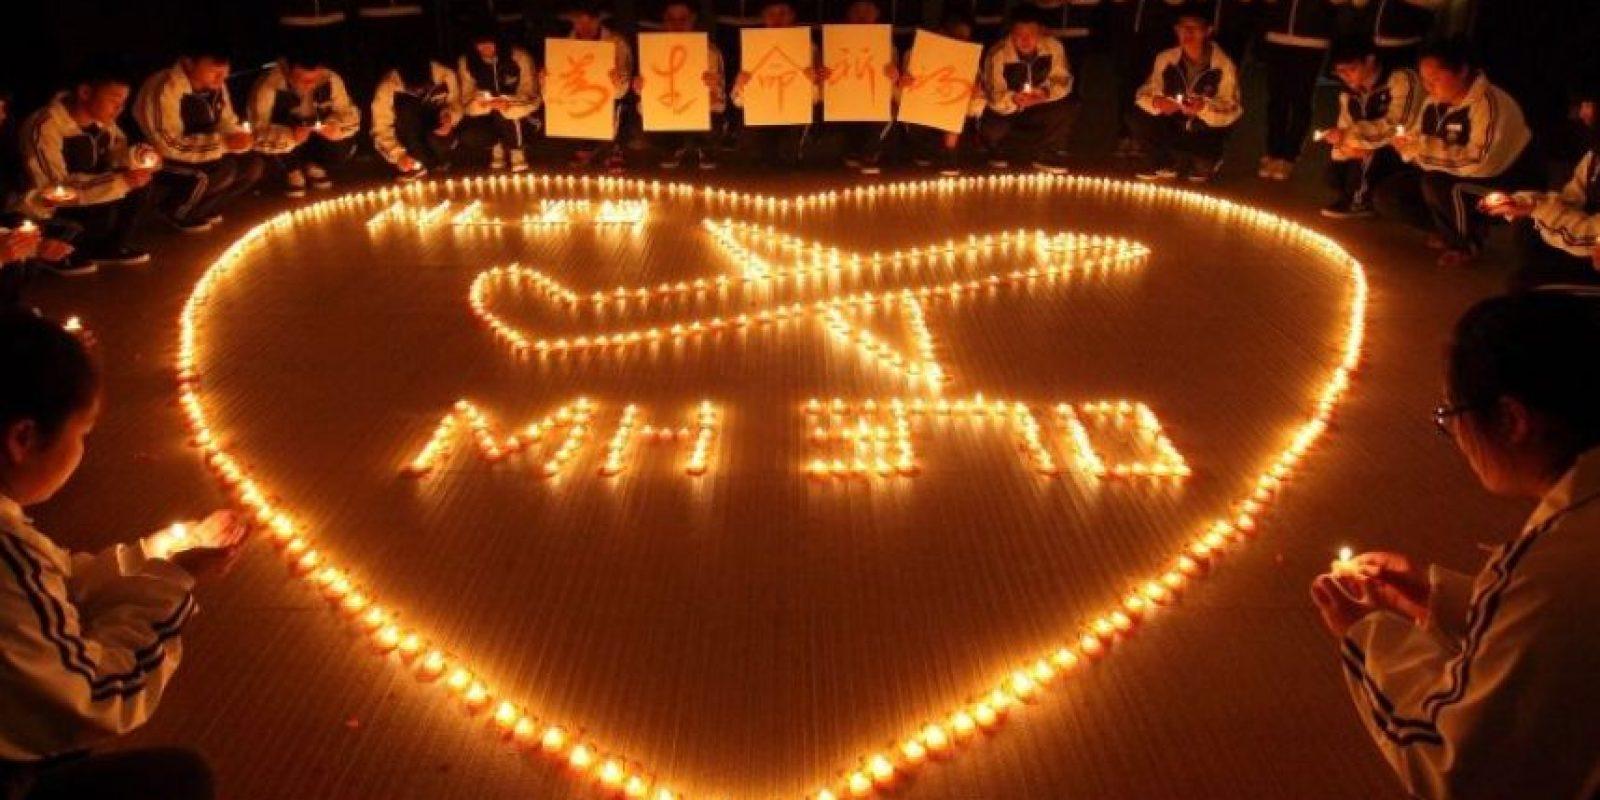 MH370 de Malaysia Airlines: Recién declarado como accidente, el vuelo desapareció el 8 de marzo Foto: Getty Images